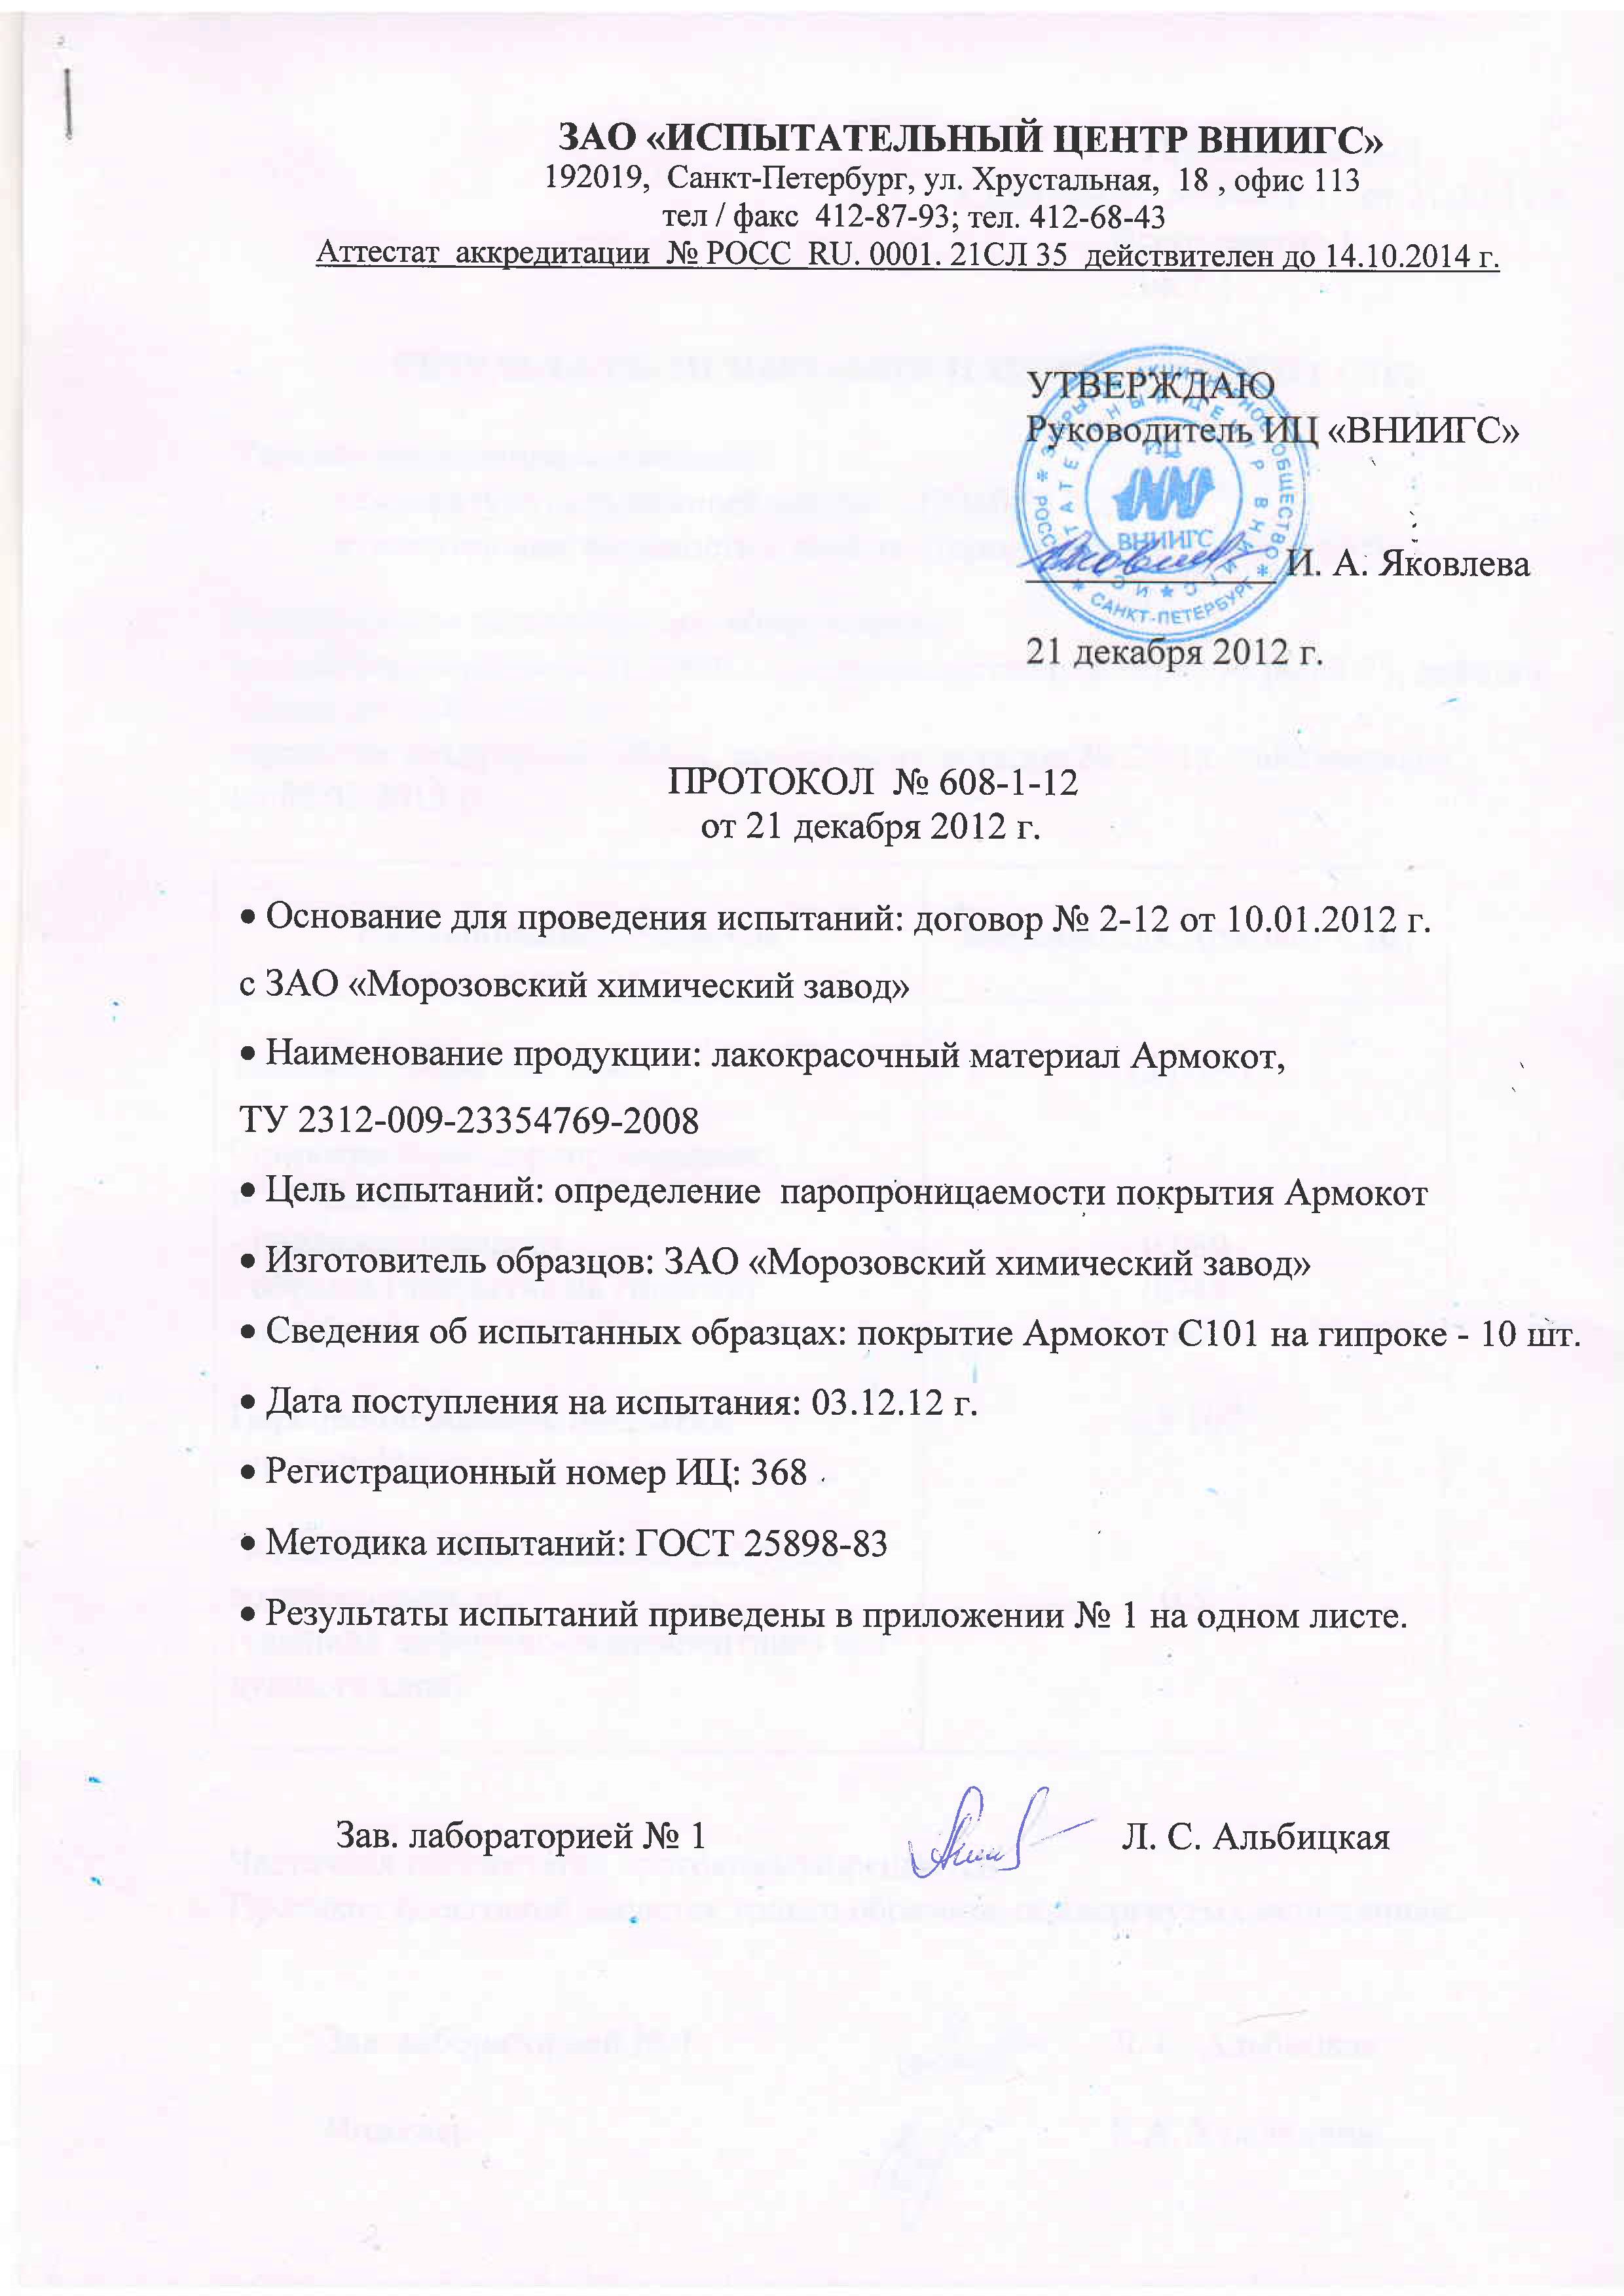 Армокот С101-сухой способ_Страница_1